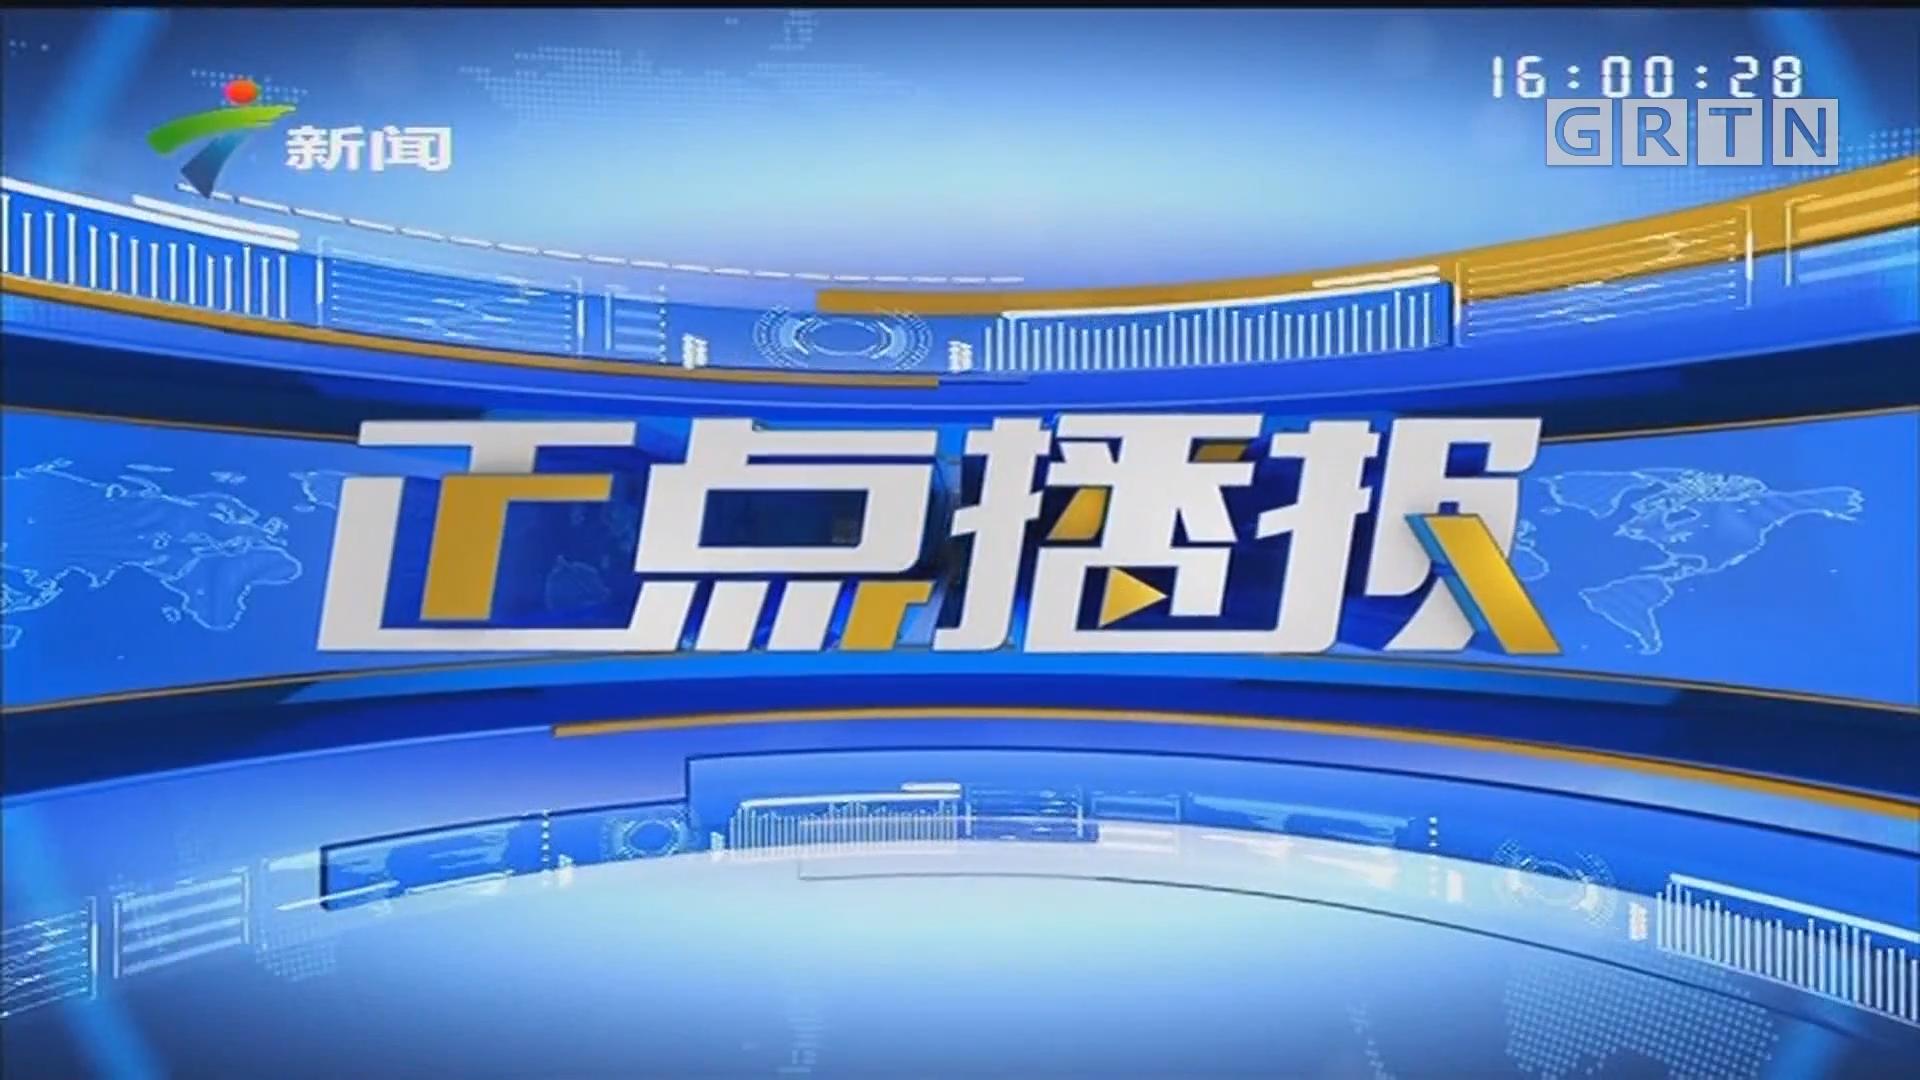 [HD][2019-07-29]正点播报:惠州:居民楼凌晨突发大火 当地消防紧急疏散70人